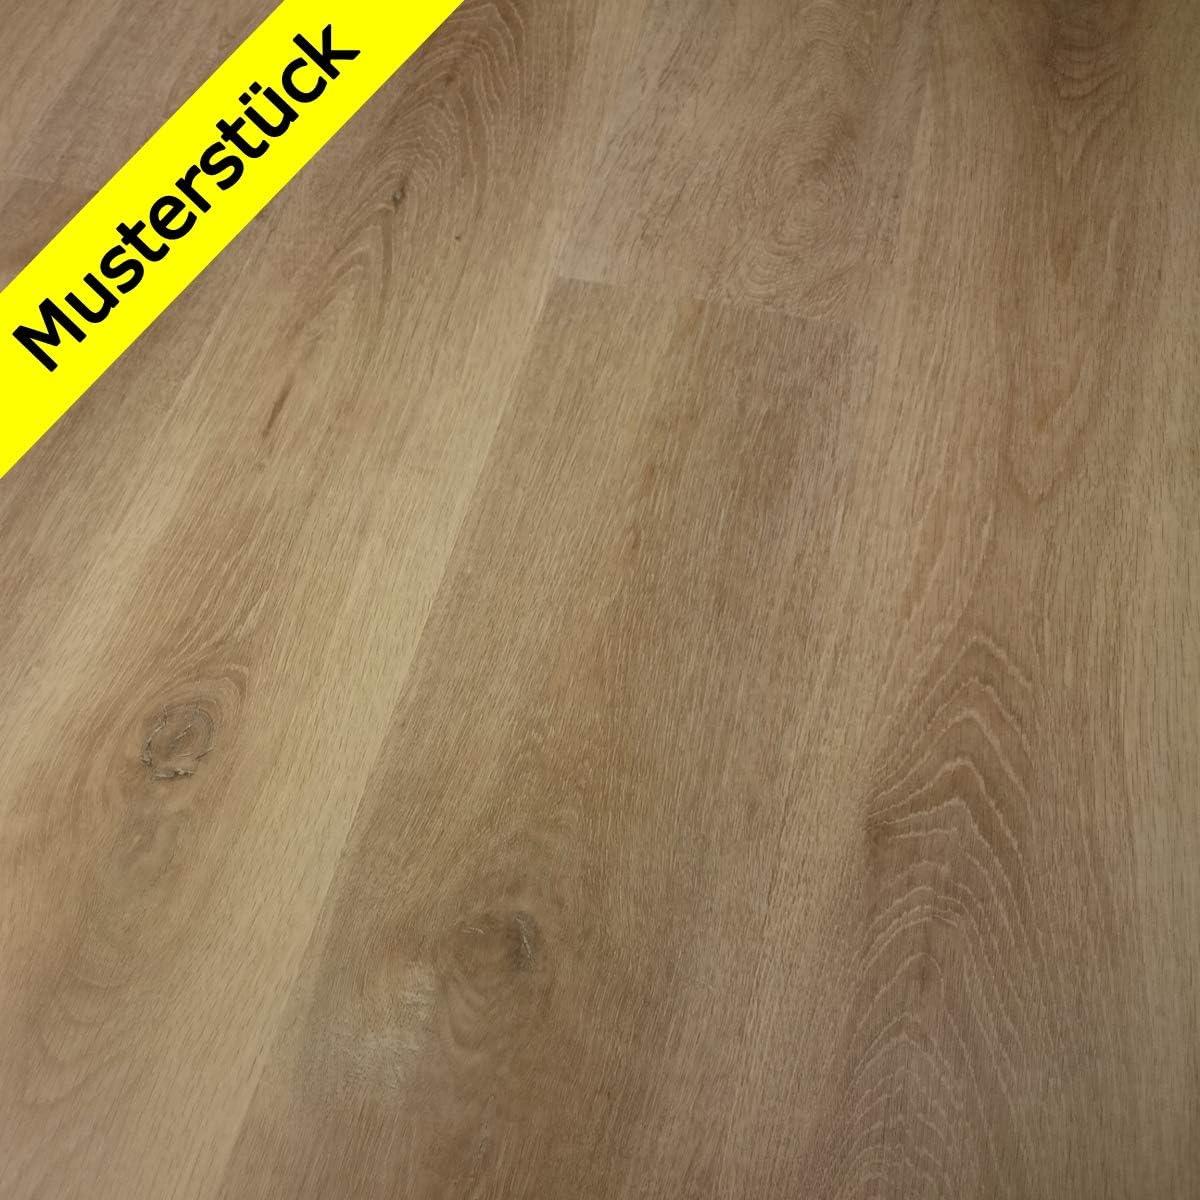 Sie kaufen 1 m/² WASSERFEST Vinylboden | 1 qm, Eiche Old Rustik TRECOR/® Vinylboden Klick RIGID 4.2 Massivdiele 4,2 m stark mit 0,30 mm Nutzschicht